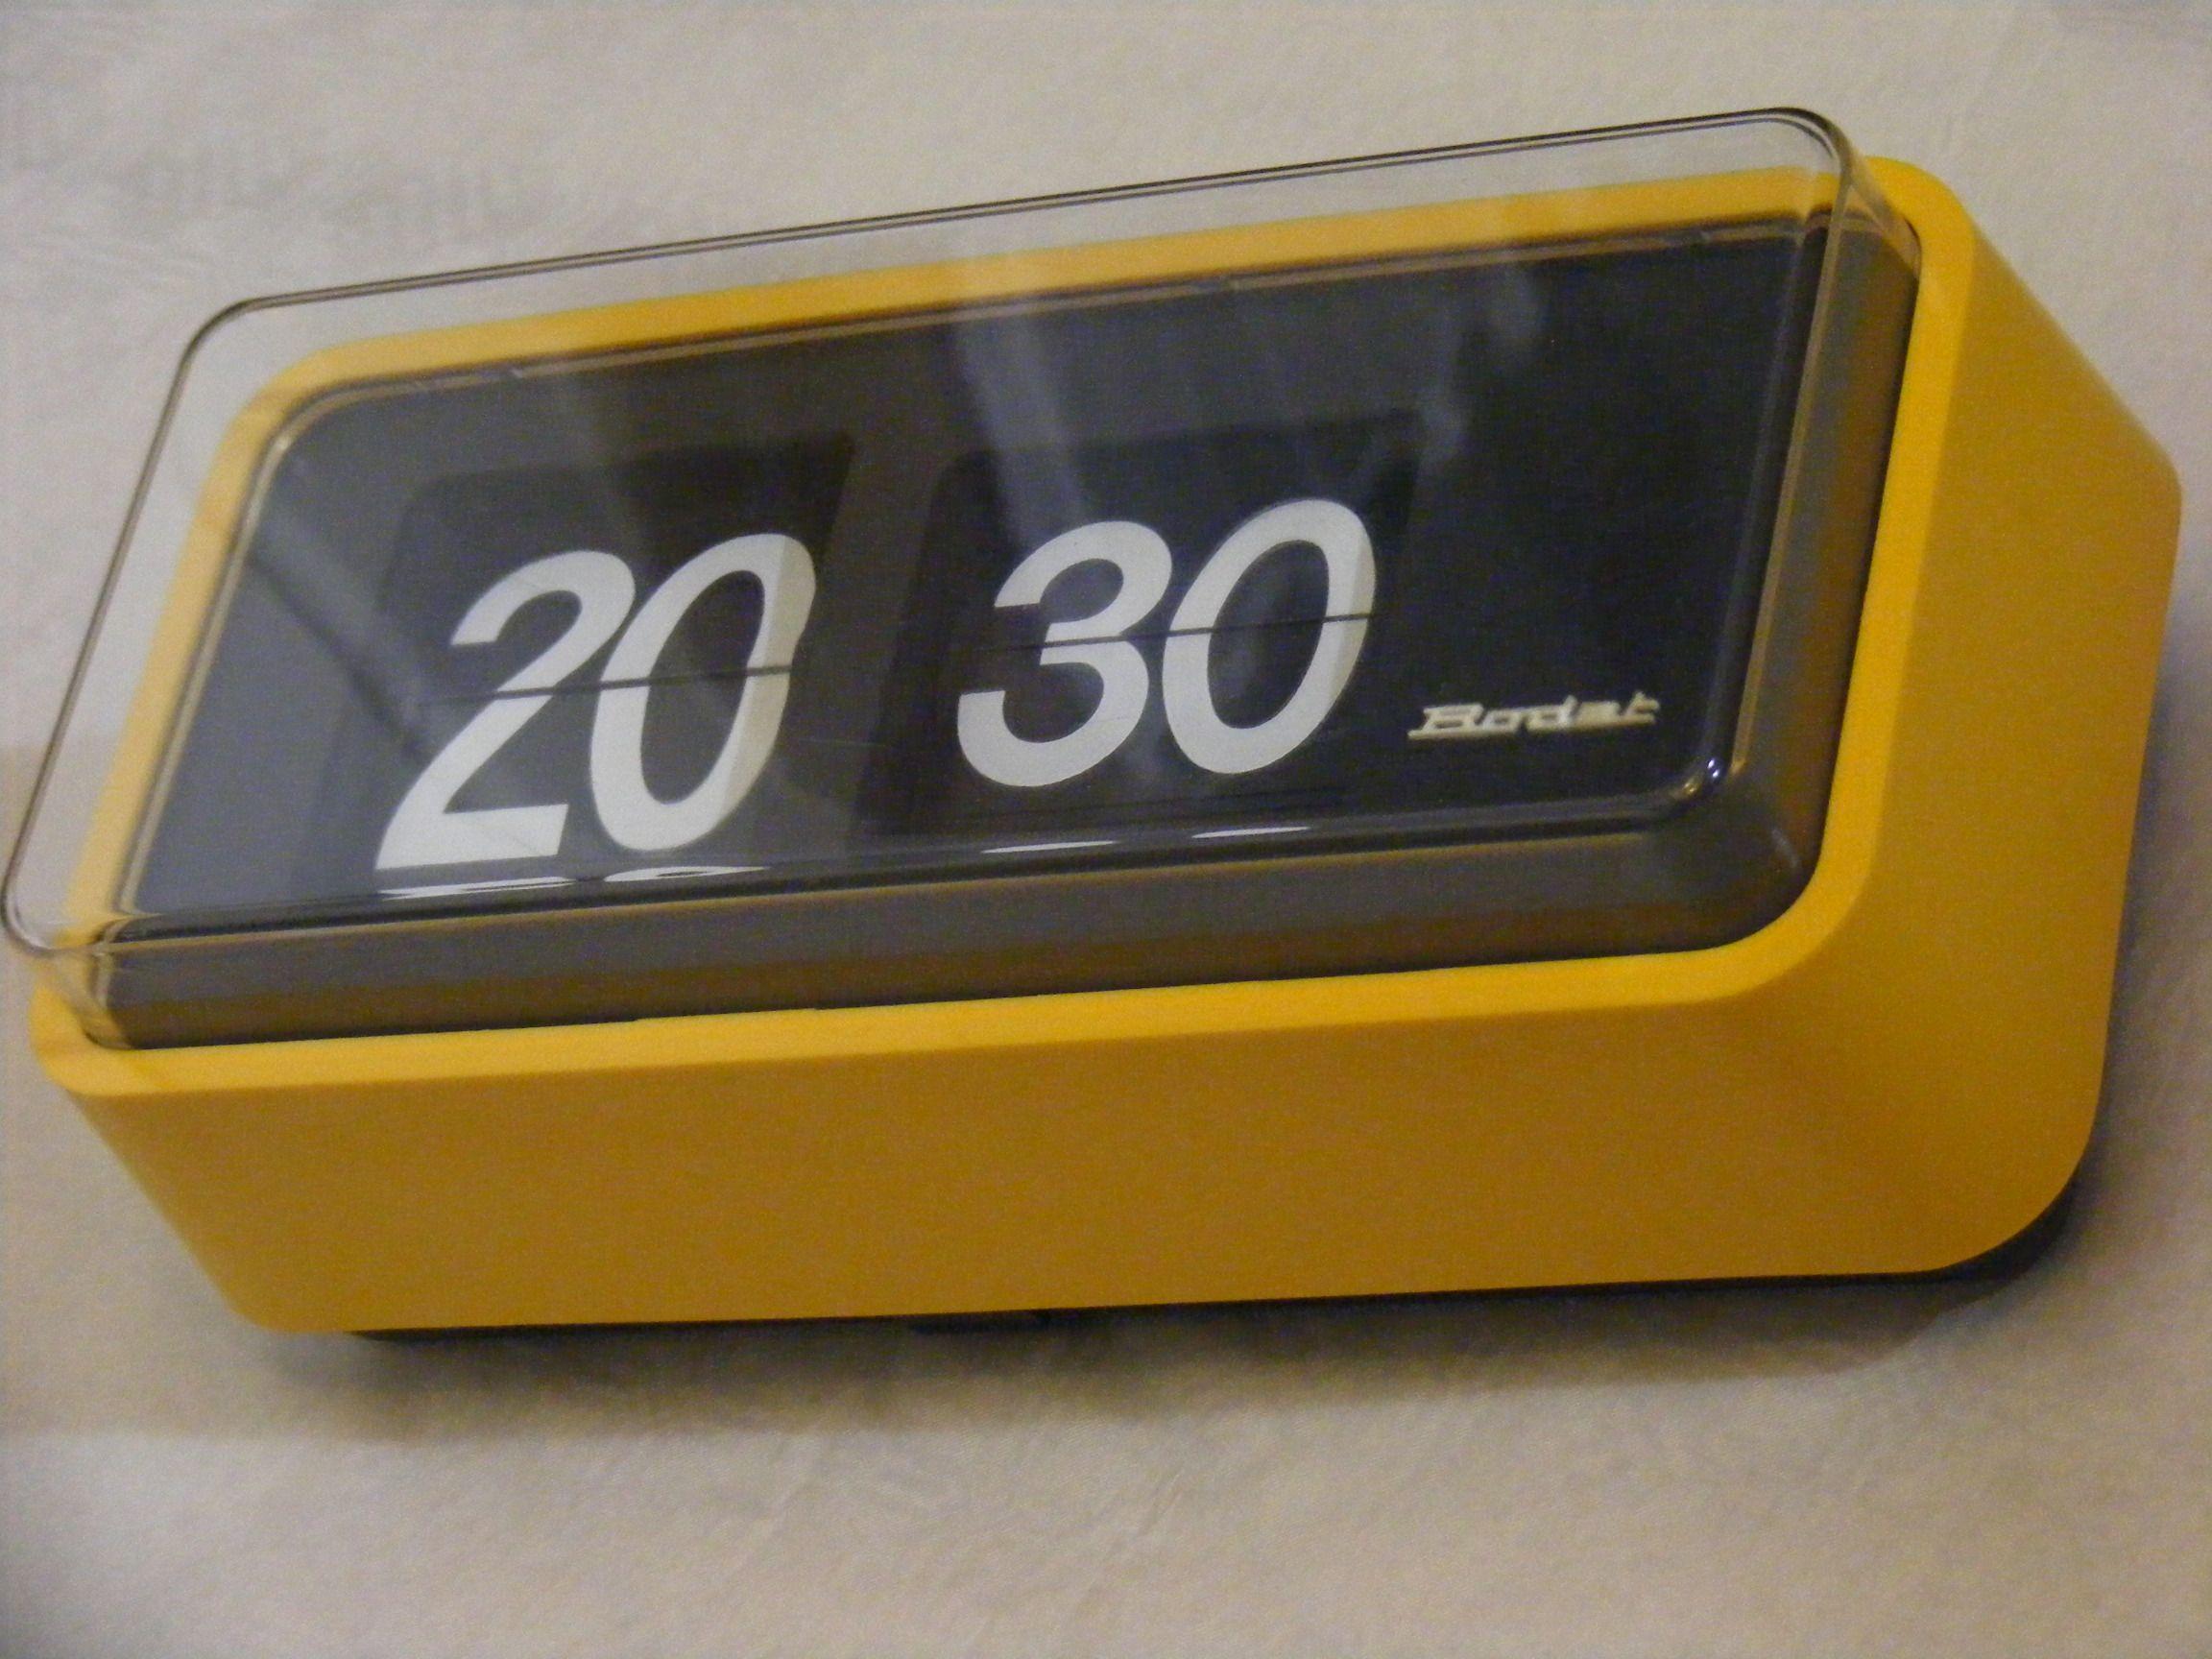 horloge bodet bt659 r ceptrice lamelles avec un boitier de couleur jaune vintage bodet. Black Bedroom Furniture Sets. Home Design Ideas